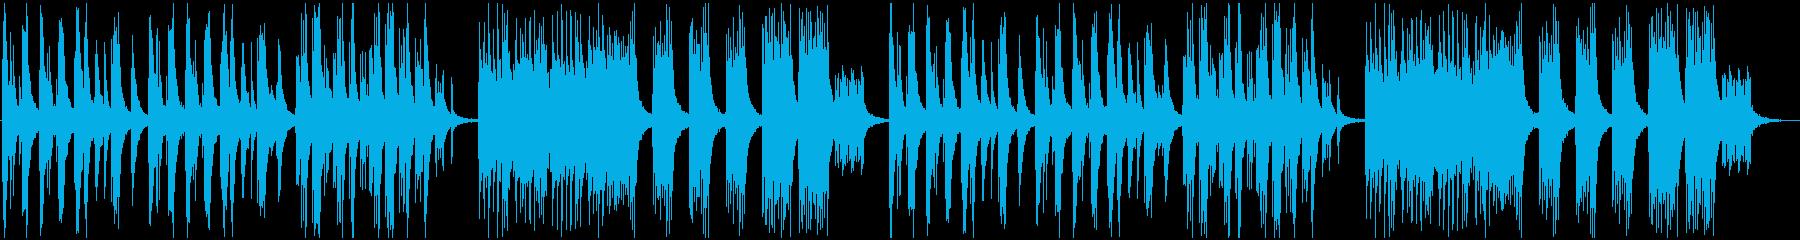 静かな和風ピアノソロの再生済みの波形